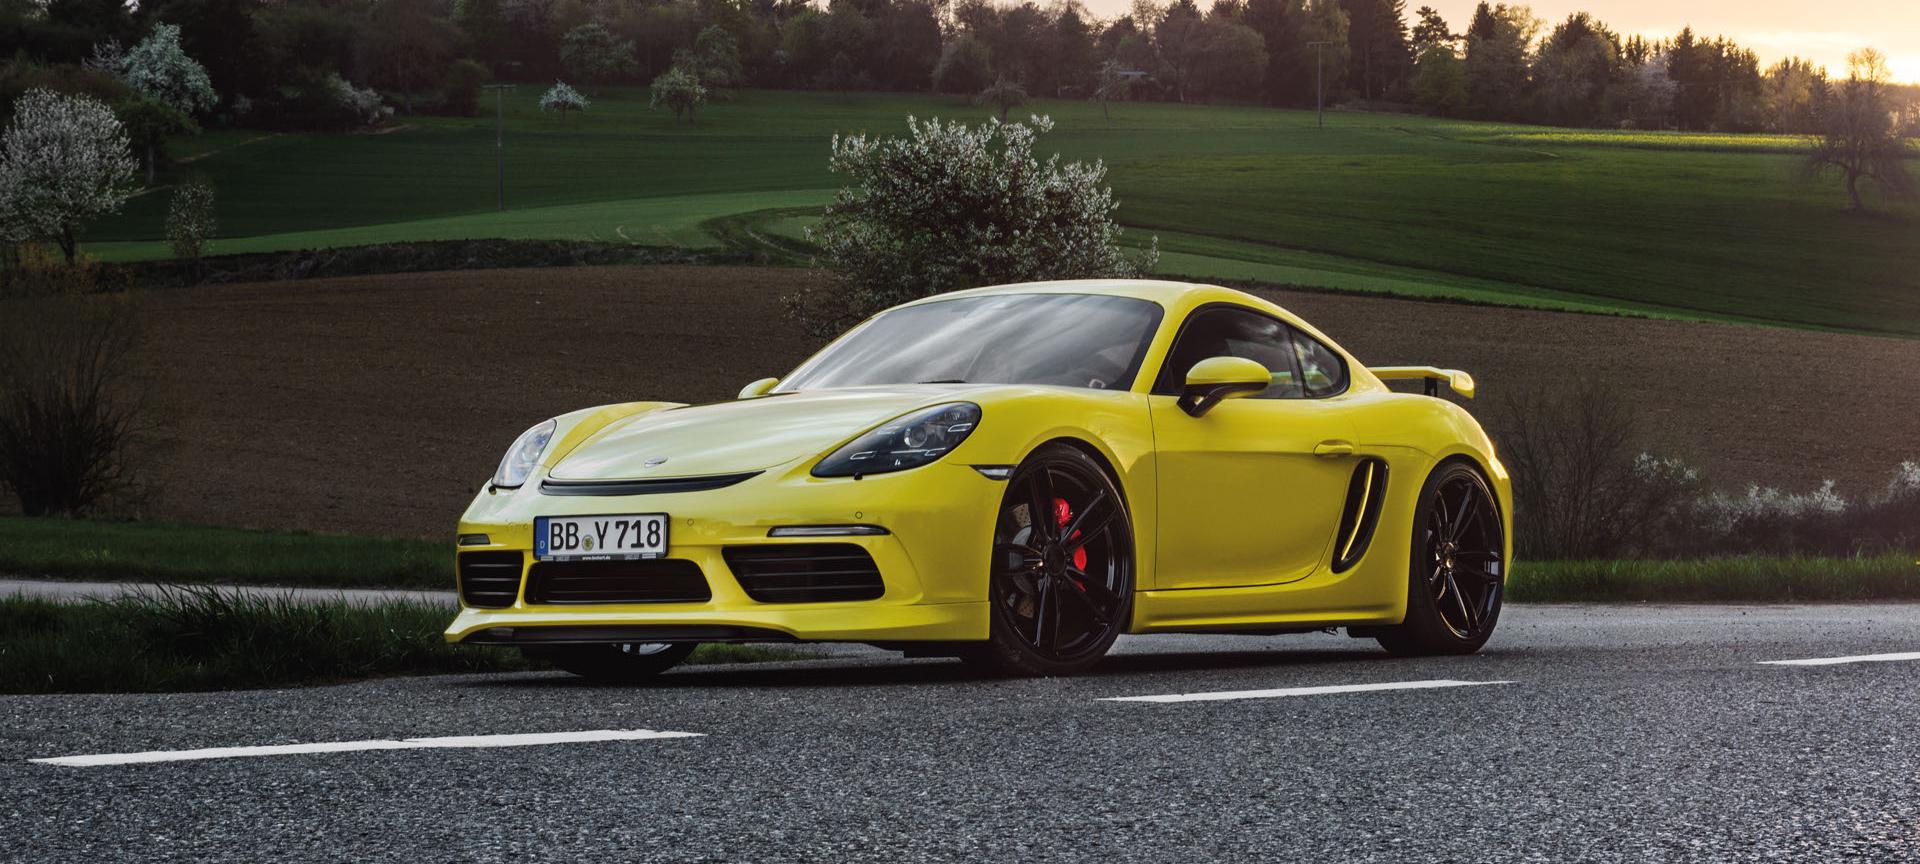 Techart Tunes The New Porsche 718 Cayman Gtc